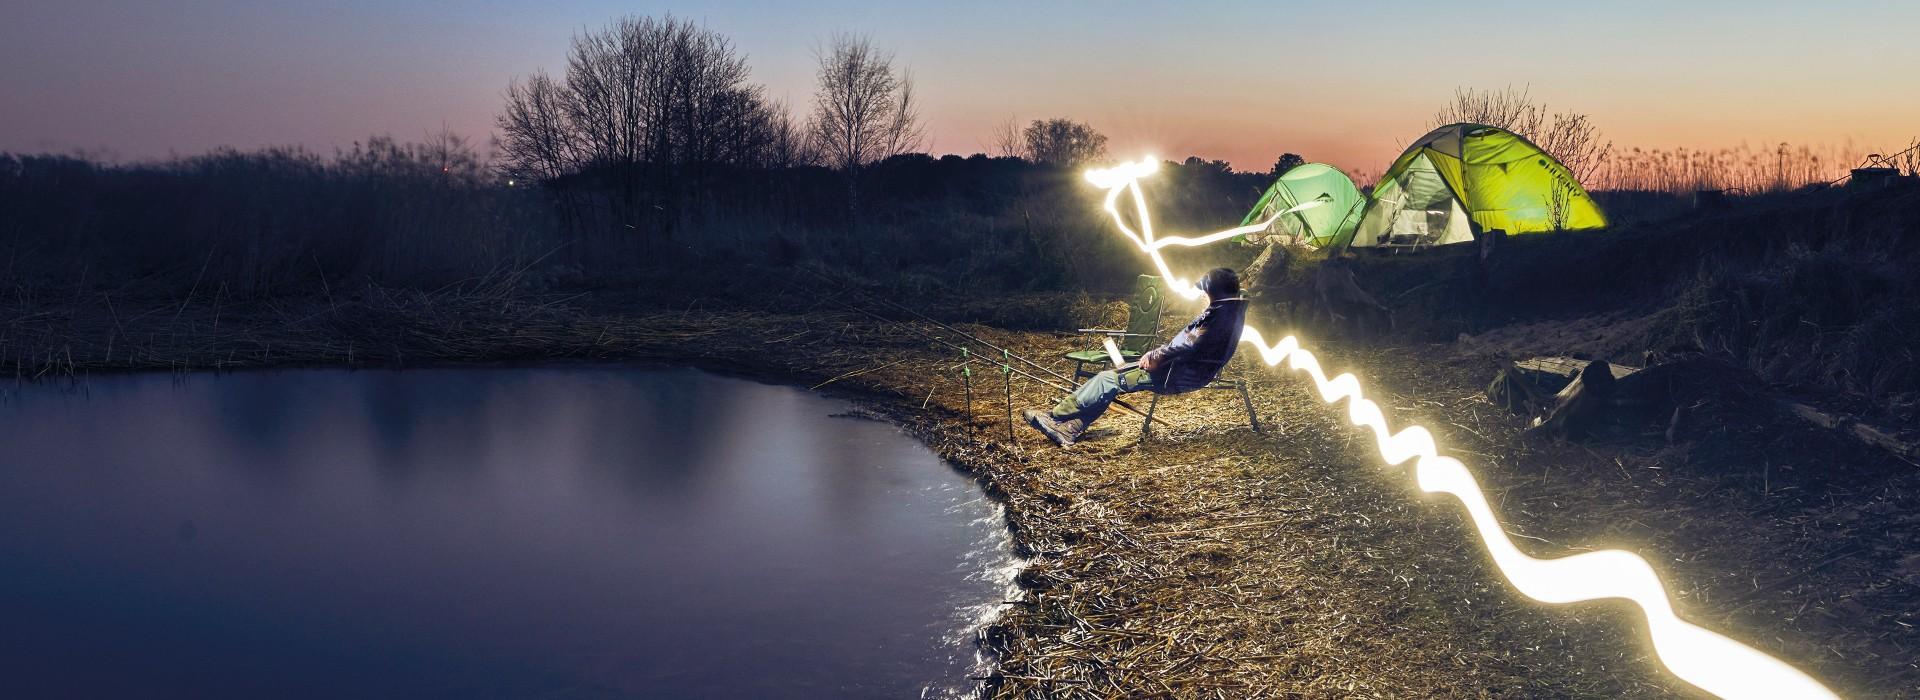 Фонарь Deeper Power LanternПусть в походах станет ярче и удобнее